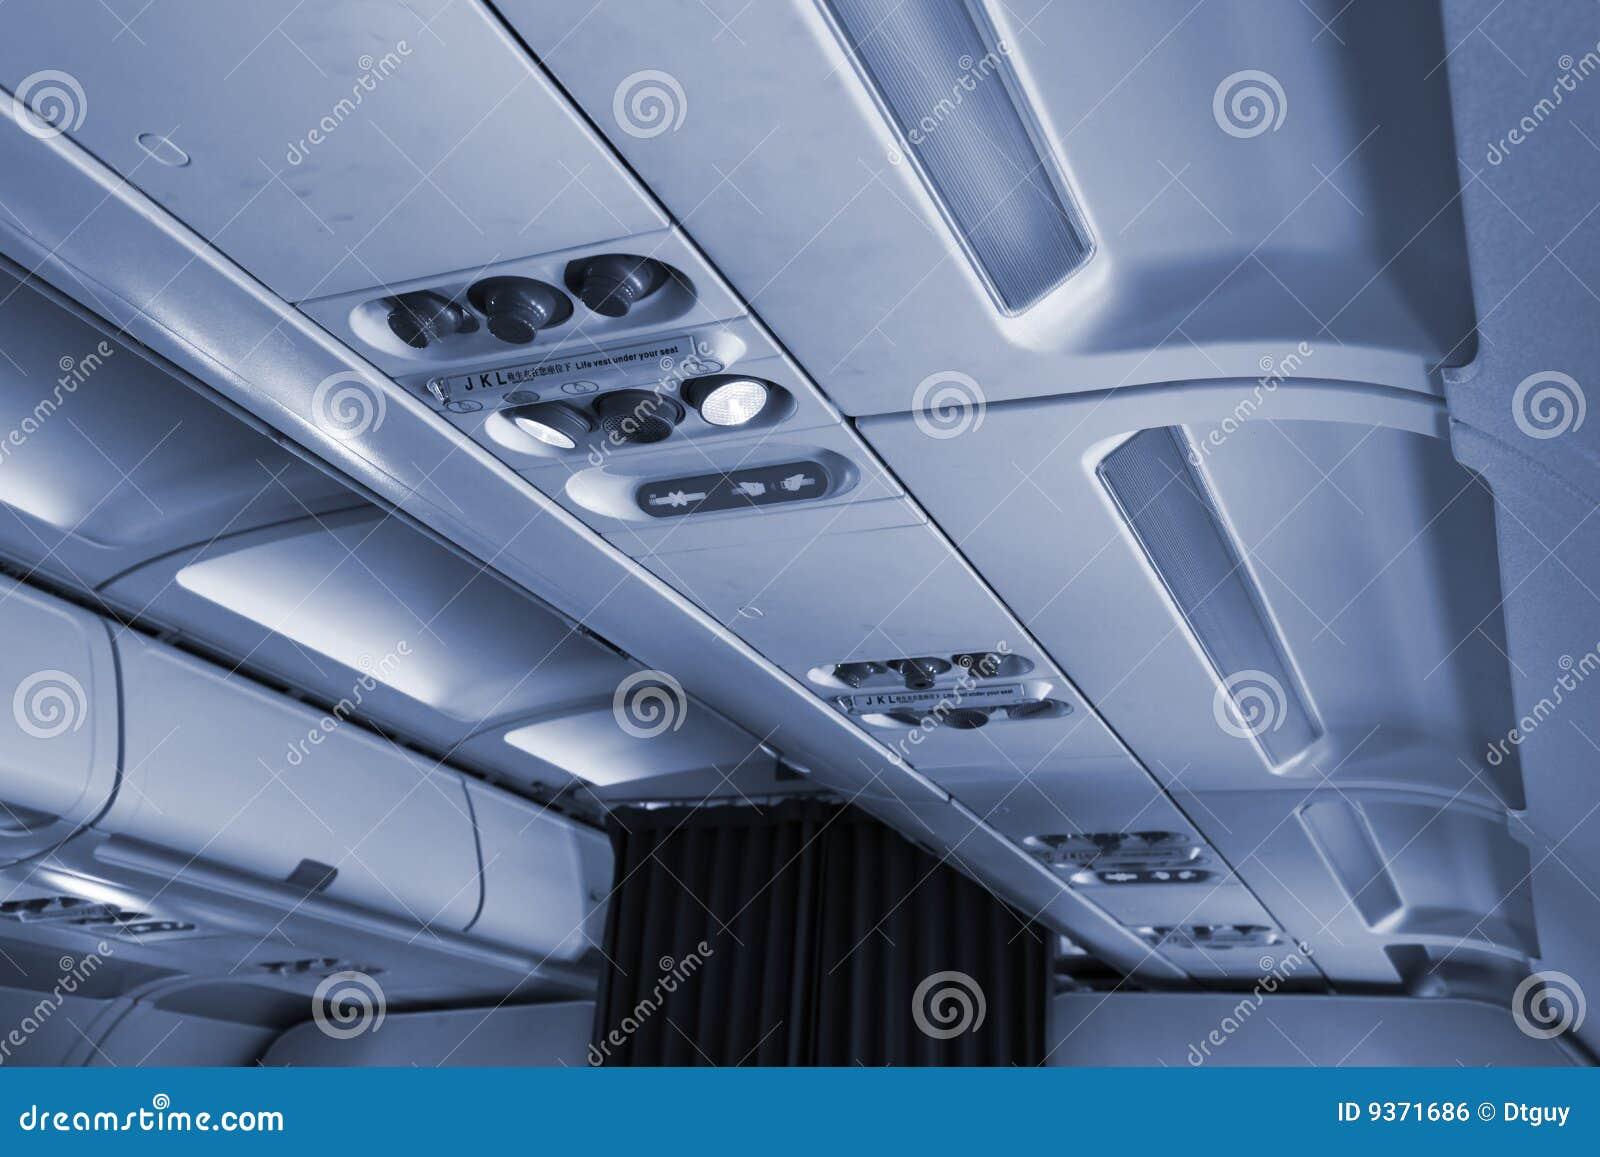 Innenraum des flugzeuges stockfoto bild von fluglinie for Innenraum design programm kostenlos